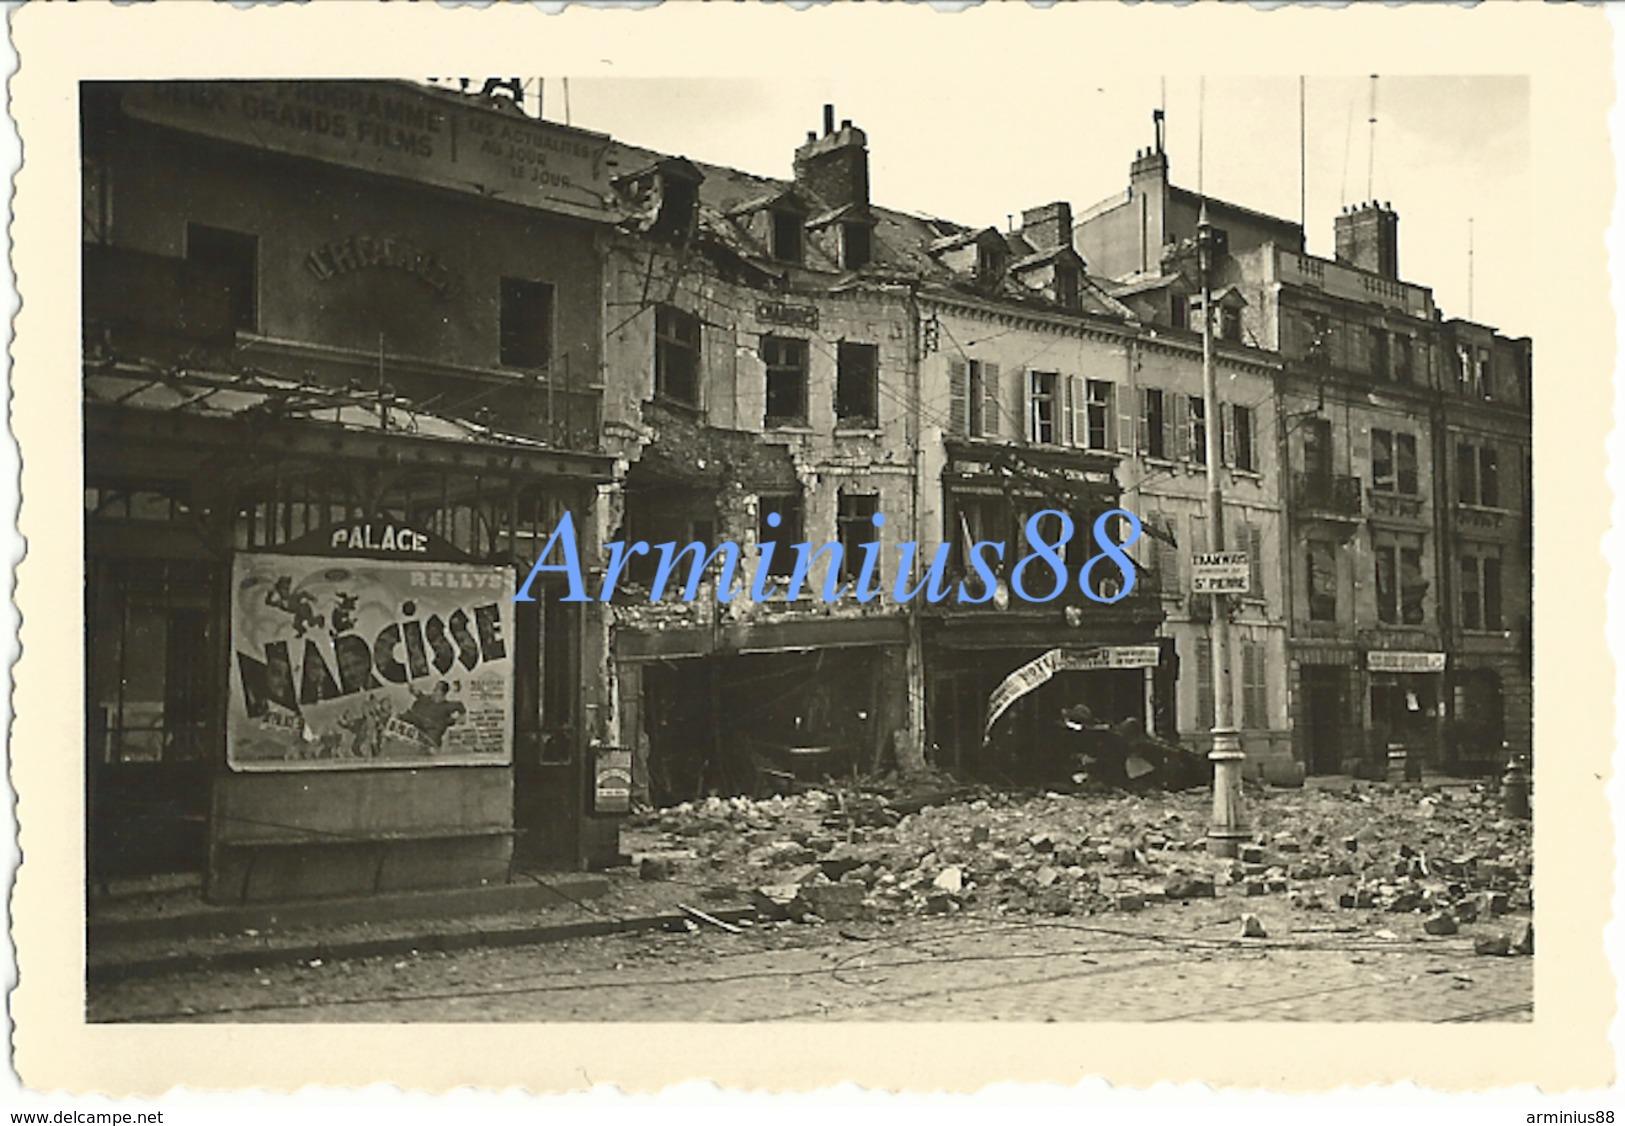 Campagne De France 1940 - Amiens - Cinéma Trianon Palace - Affiche Film Narcisse - Tramway St Pierre - Westfeldzug - Guerre, Militaire